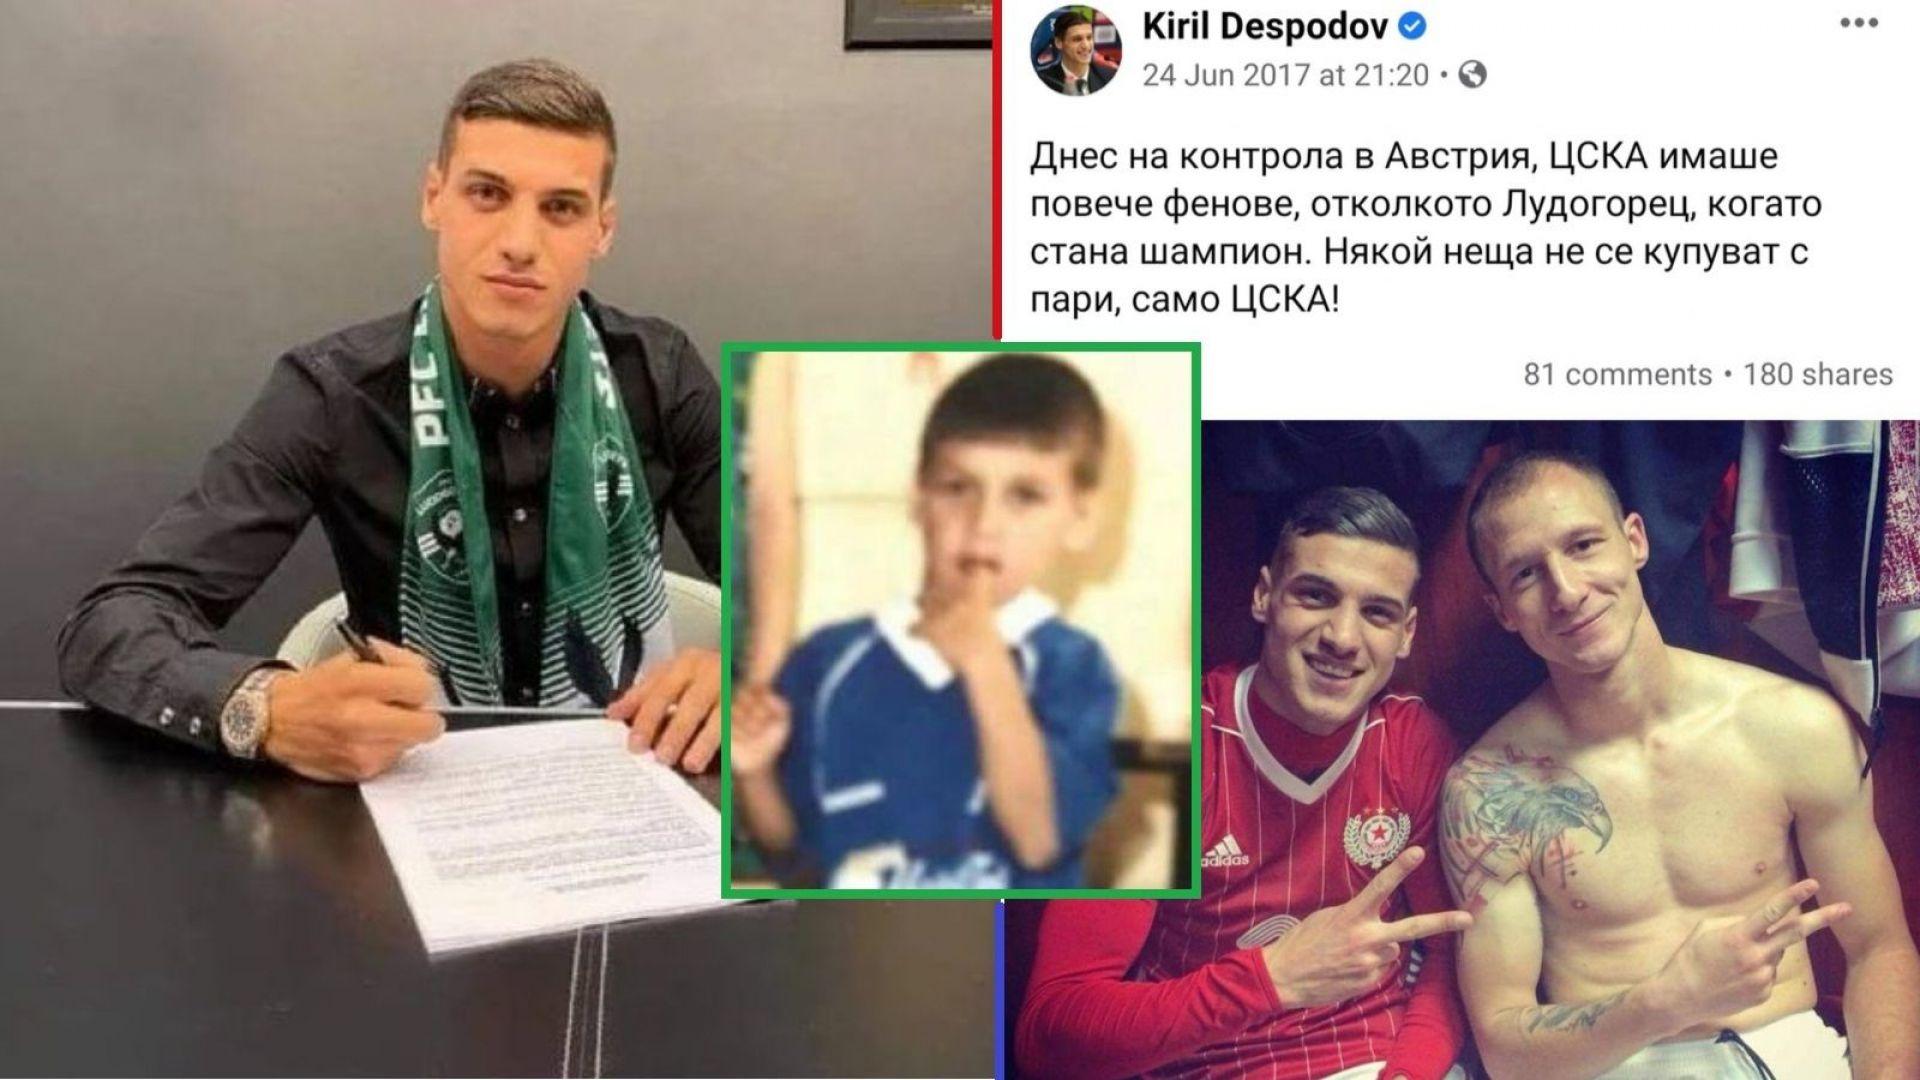 Професионалист или предател? Феновете на ЦСКА избухнаха срещу Десподов